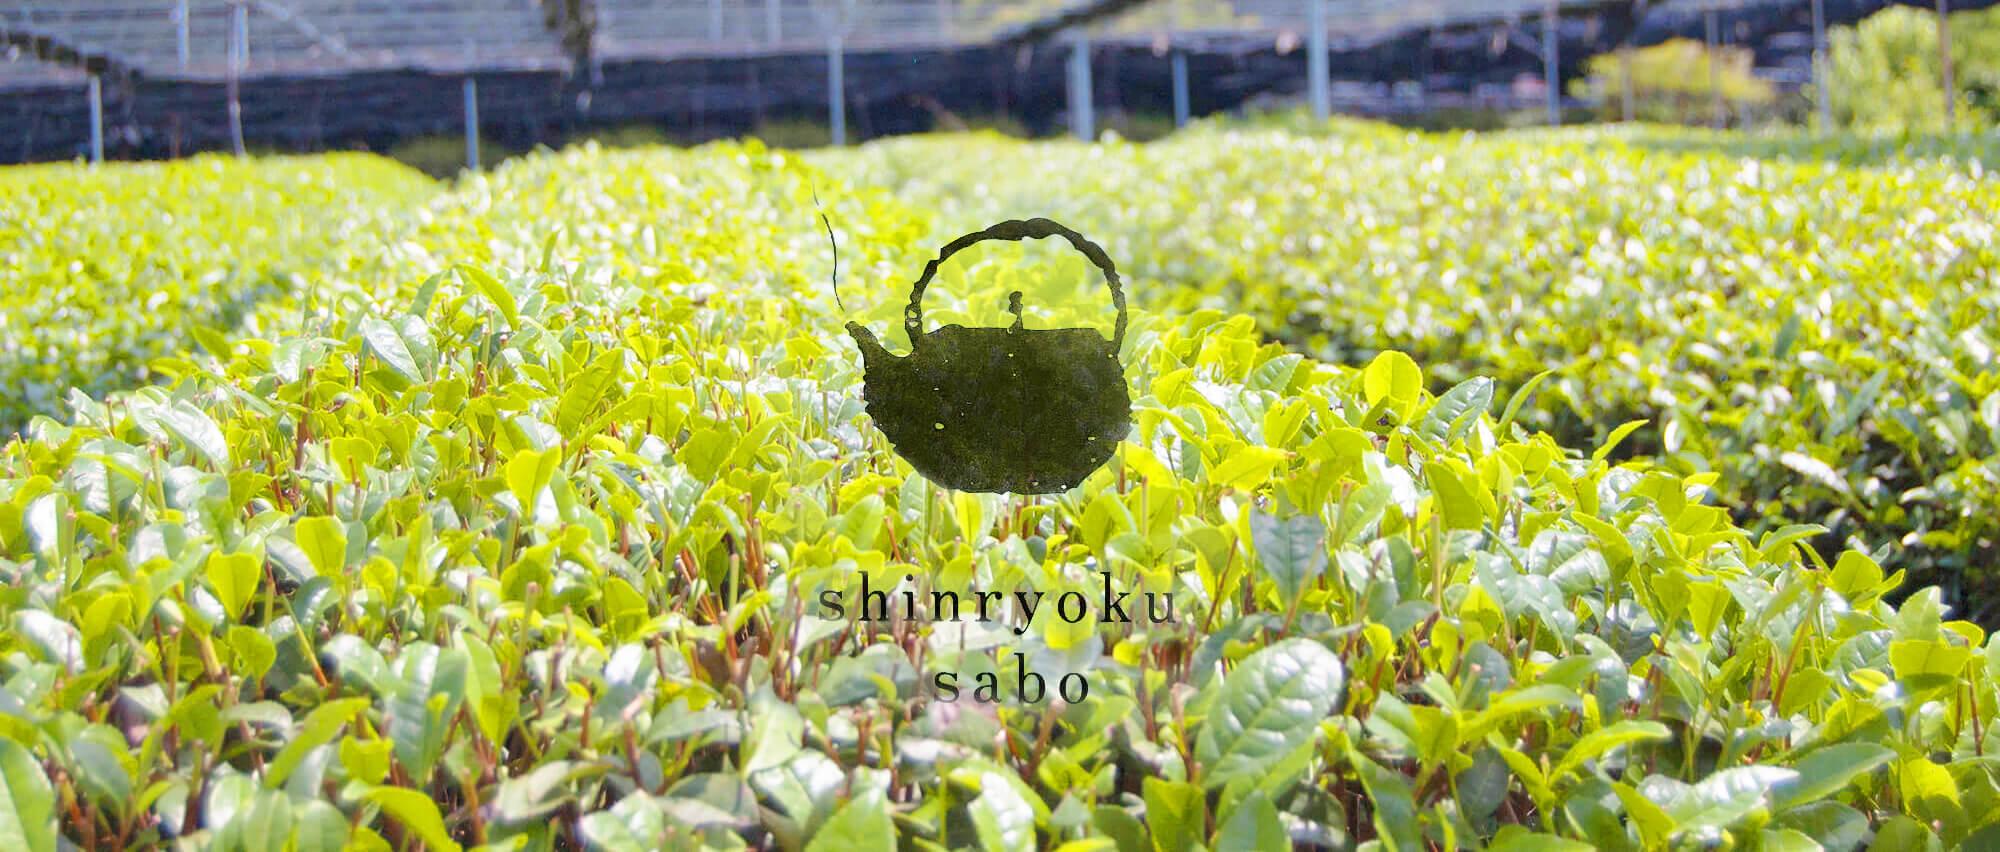 Shinryoku Sabo Cha Cafe